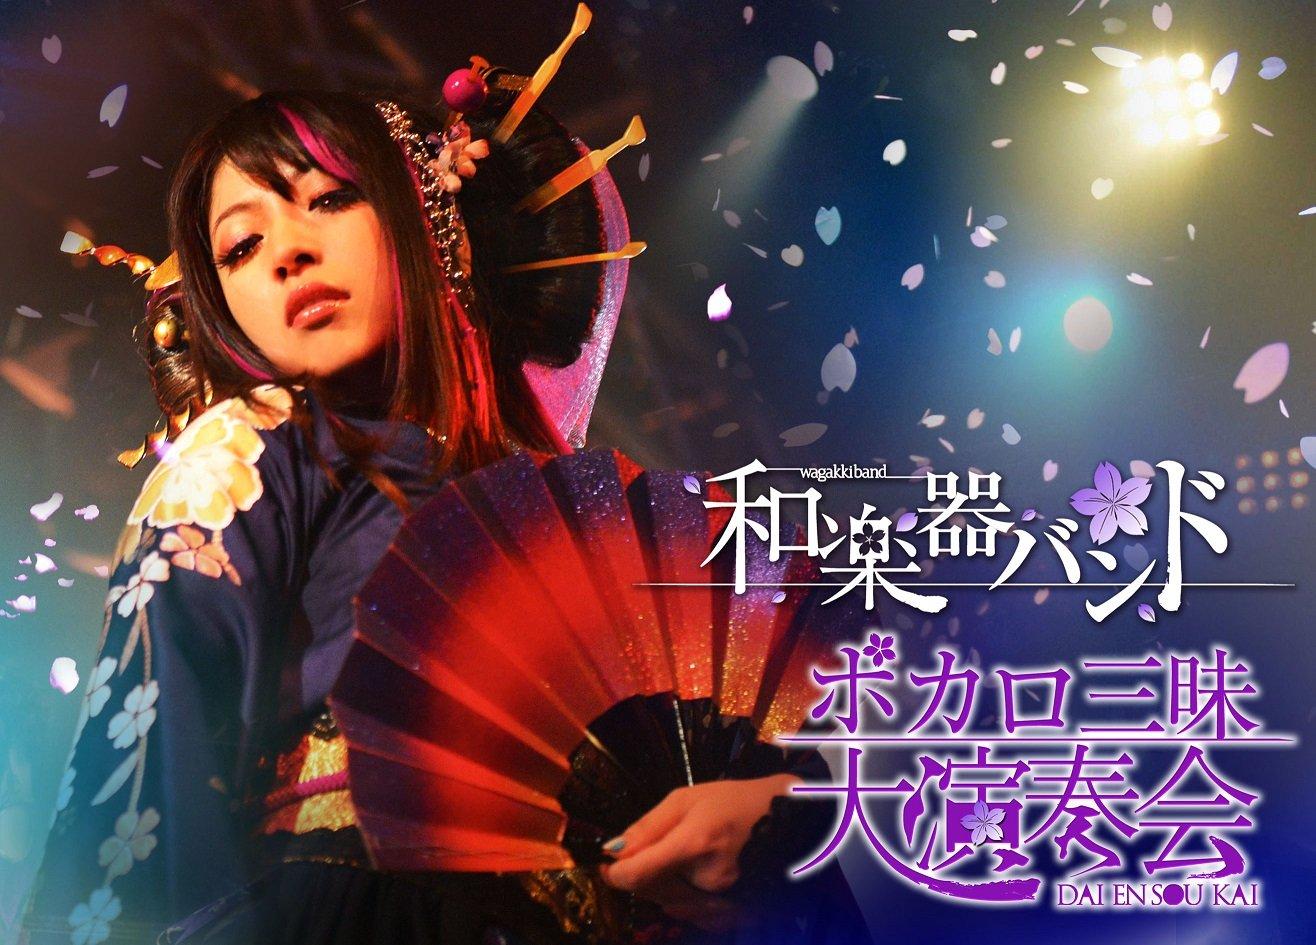 ボカロ三昧大演奏会 (Blu-ray Disc+CD2枚組) (数量限定盤) B00NXOF6KY